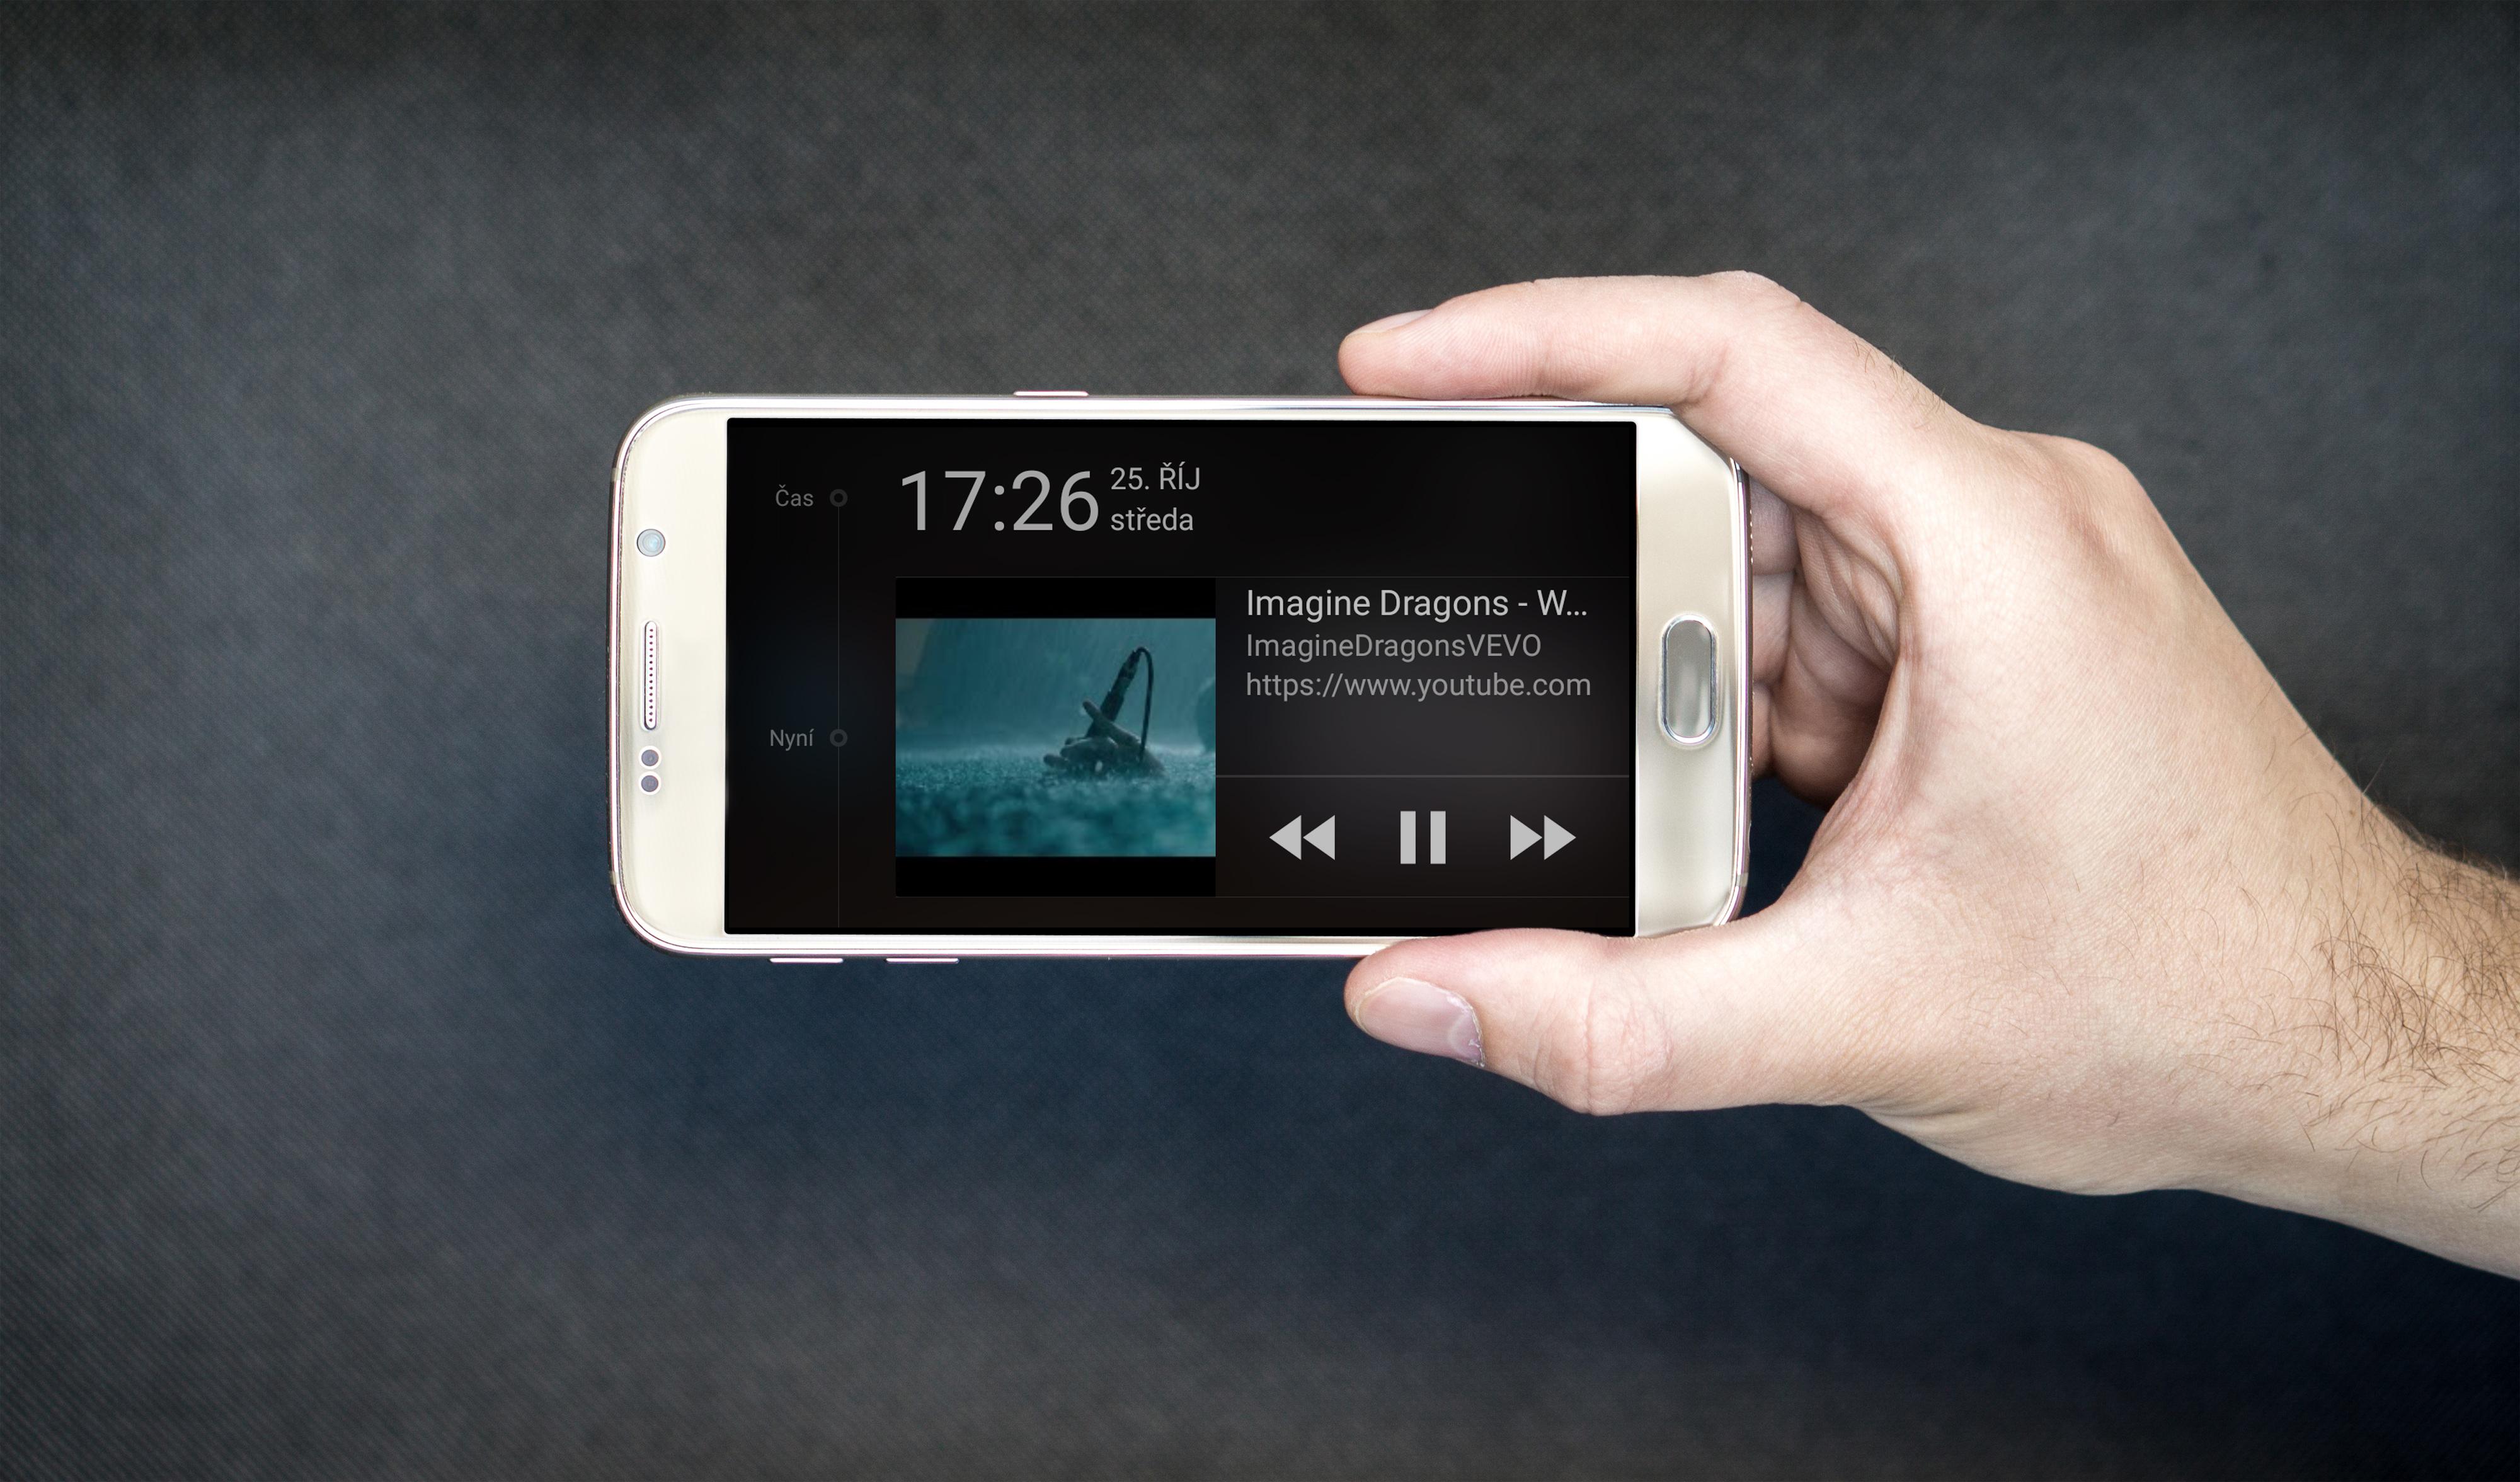 Obrázek: Jaké aplikace by neměly chybět v chytrém telefonu? Nejlepší aplikace pro Android zdarma